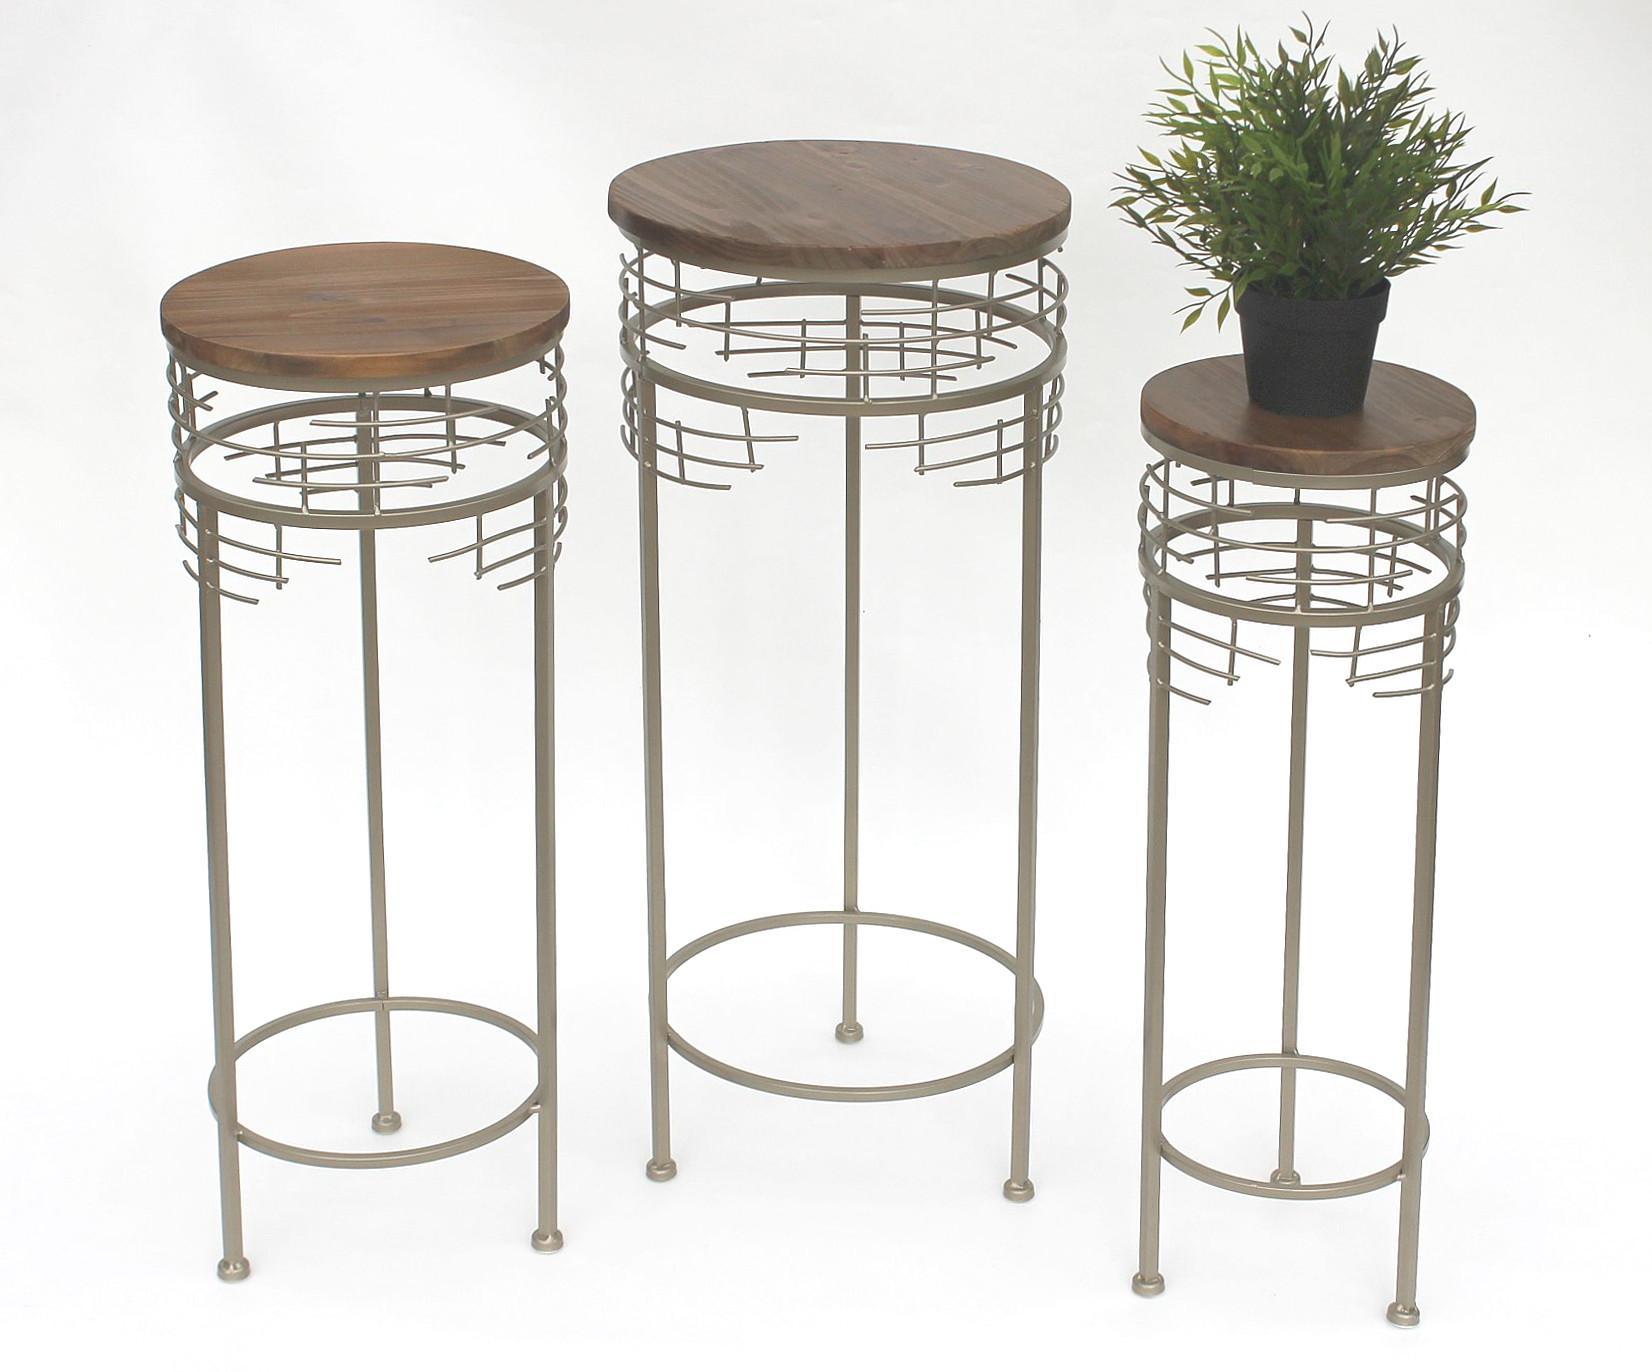 blumenhocker metall 21288 3er set blumenst nder rund beistelltisch modern kaufen bei dandibo. Black Bedroom Furniture Sets. Home Design Ideas